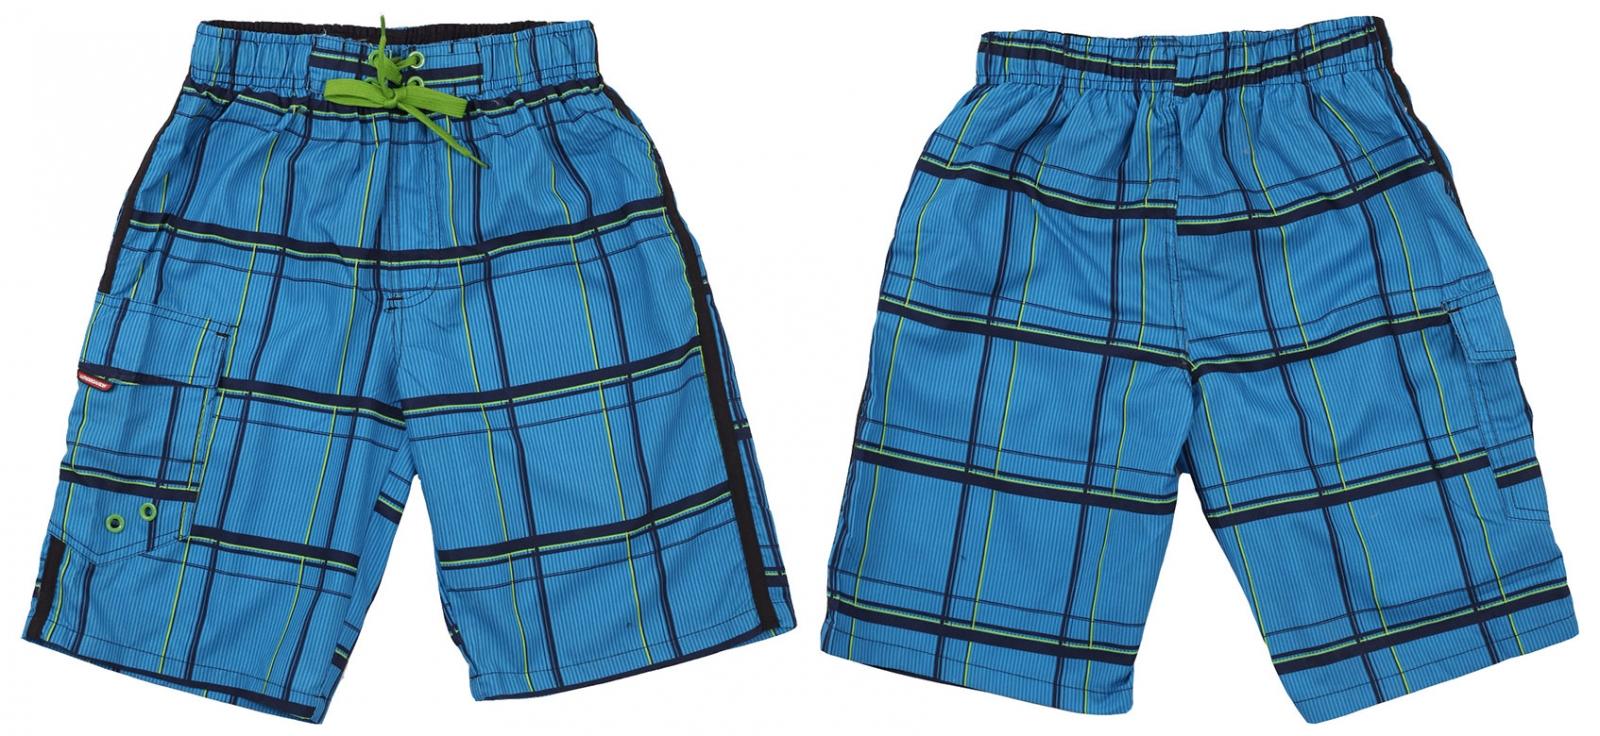 Заказать синие шорты для мальчика